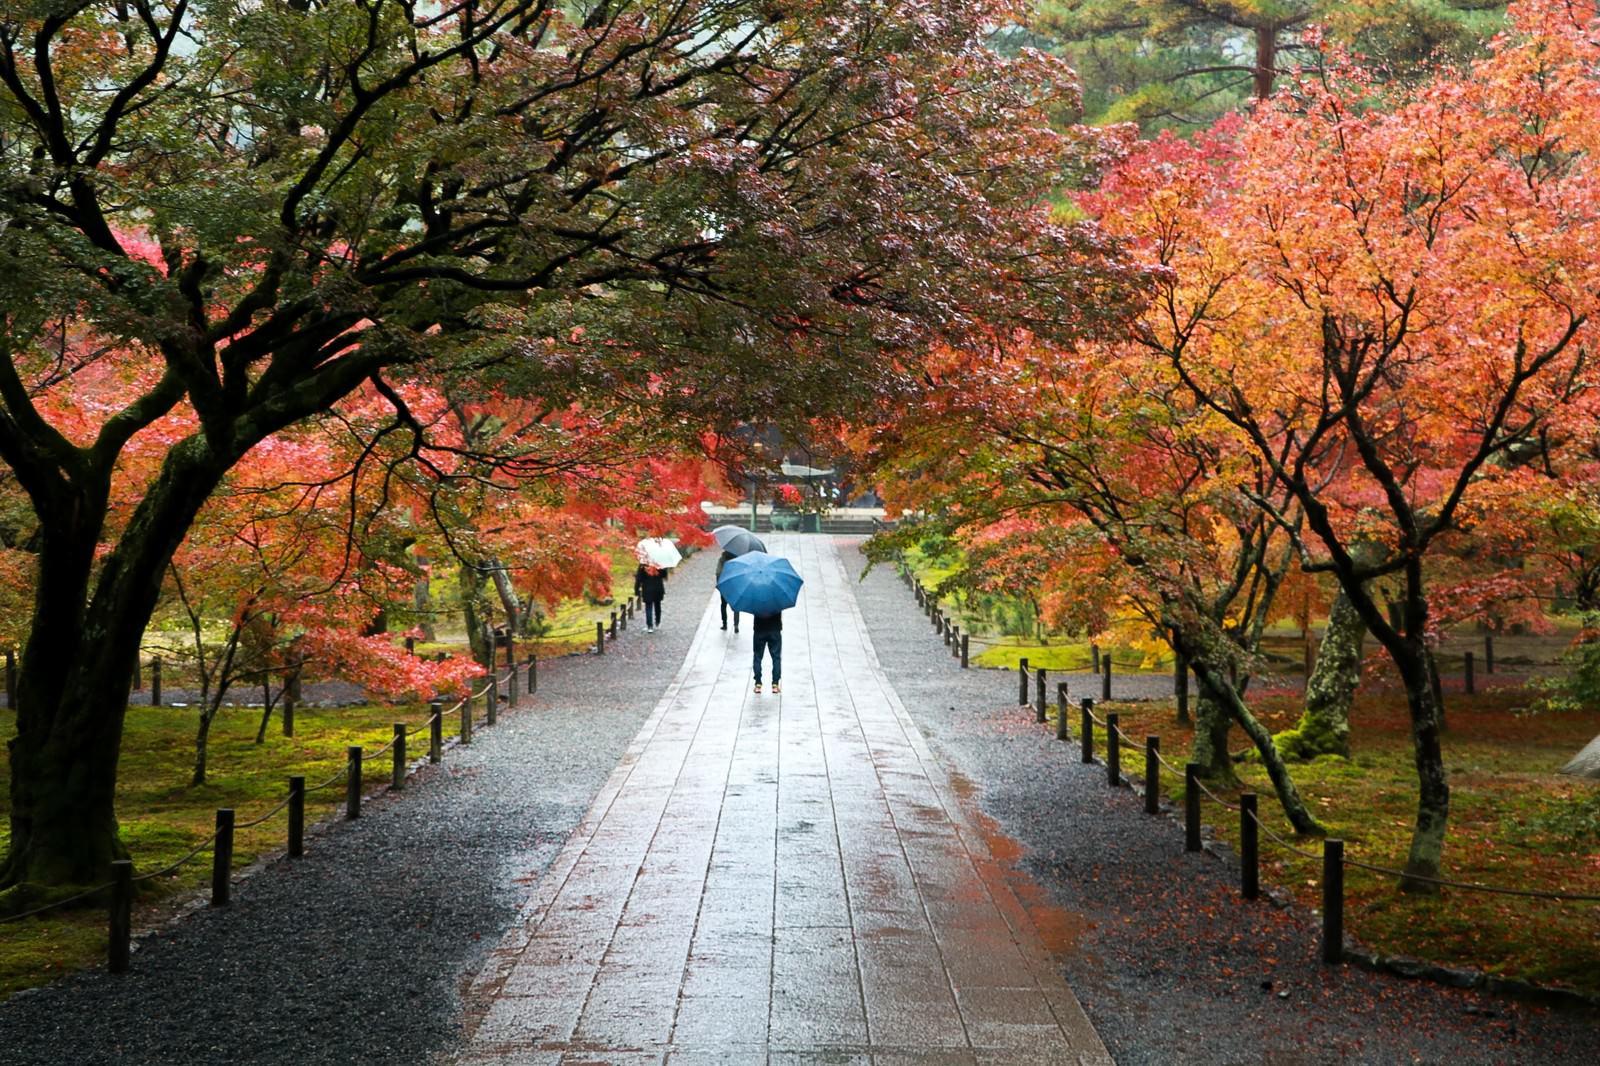 「色づく紅葉と雨の境内」の写真